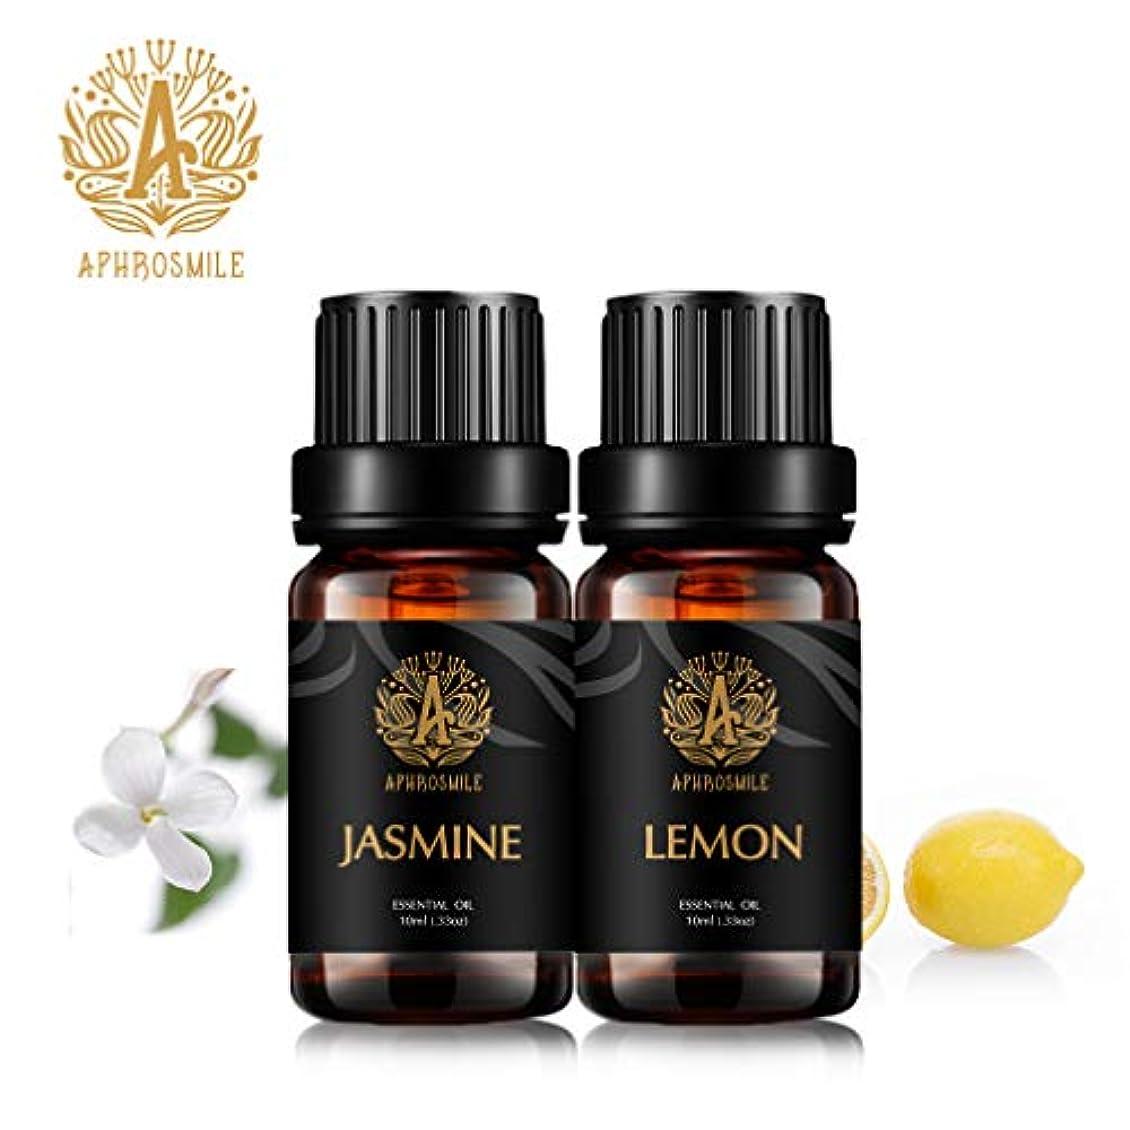 決定複数大邸宅APHORSMILE JP 100% 純粋と天然の精油、レモン/ジャスミン、2 /10mlボトル - 【エッセンシャルオイル】、アロマテラピー/デイリーケア可能